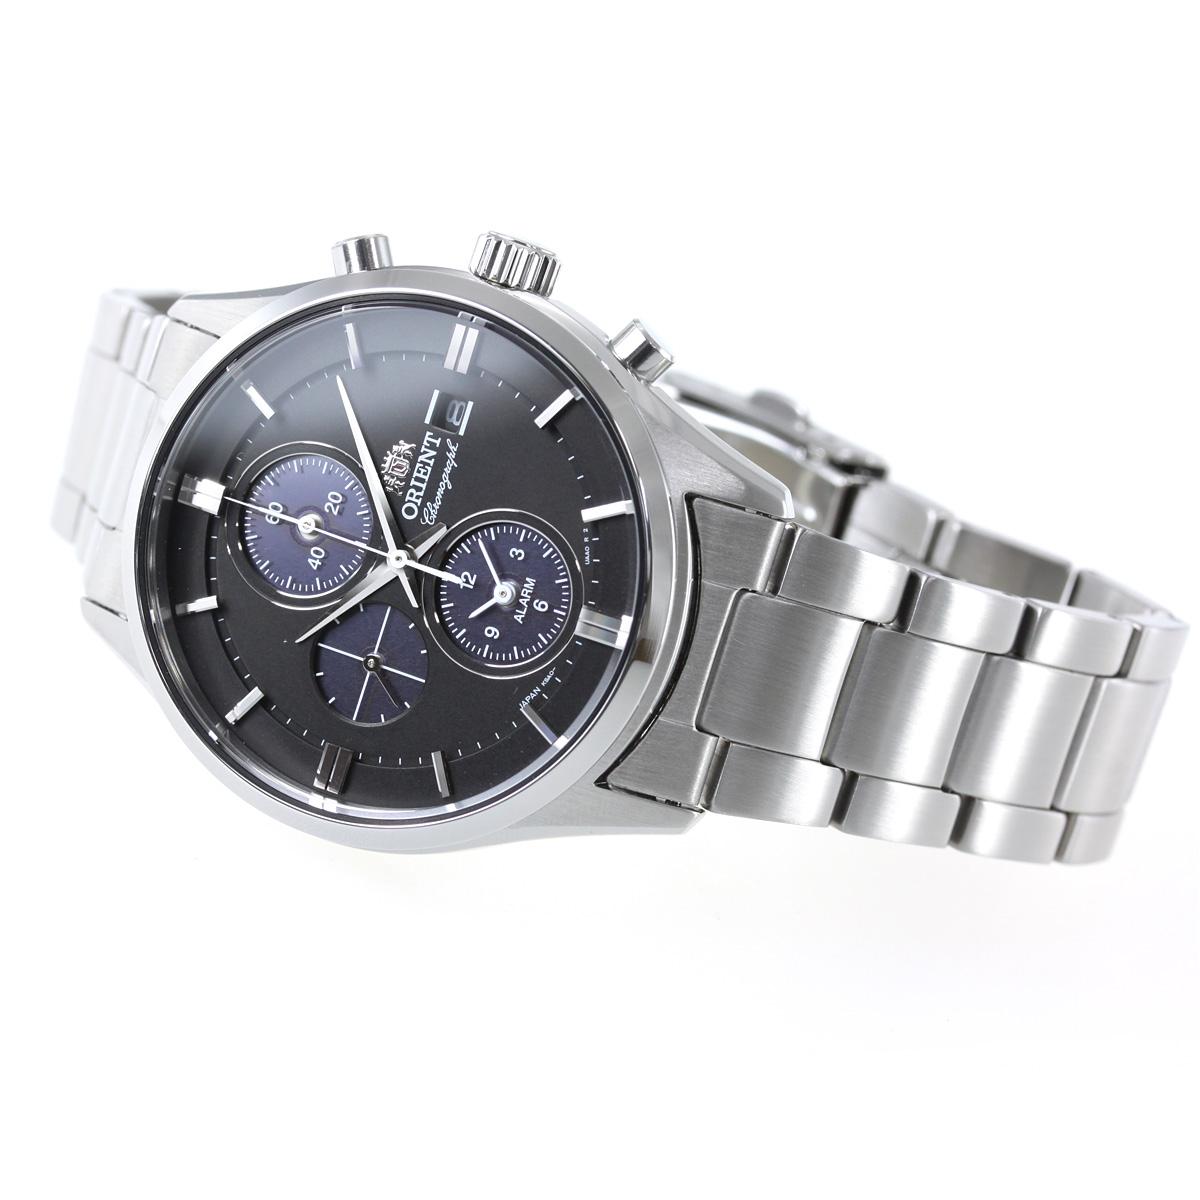 オリエント 腕時計 メンズ ソーラー ORIENT コンテンポラリー CONTEMPORARY クロノグラフ RN-TY0002B【2018 新作】